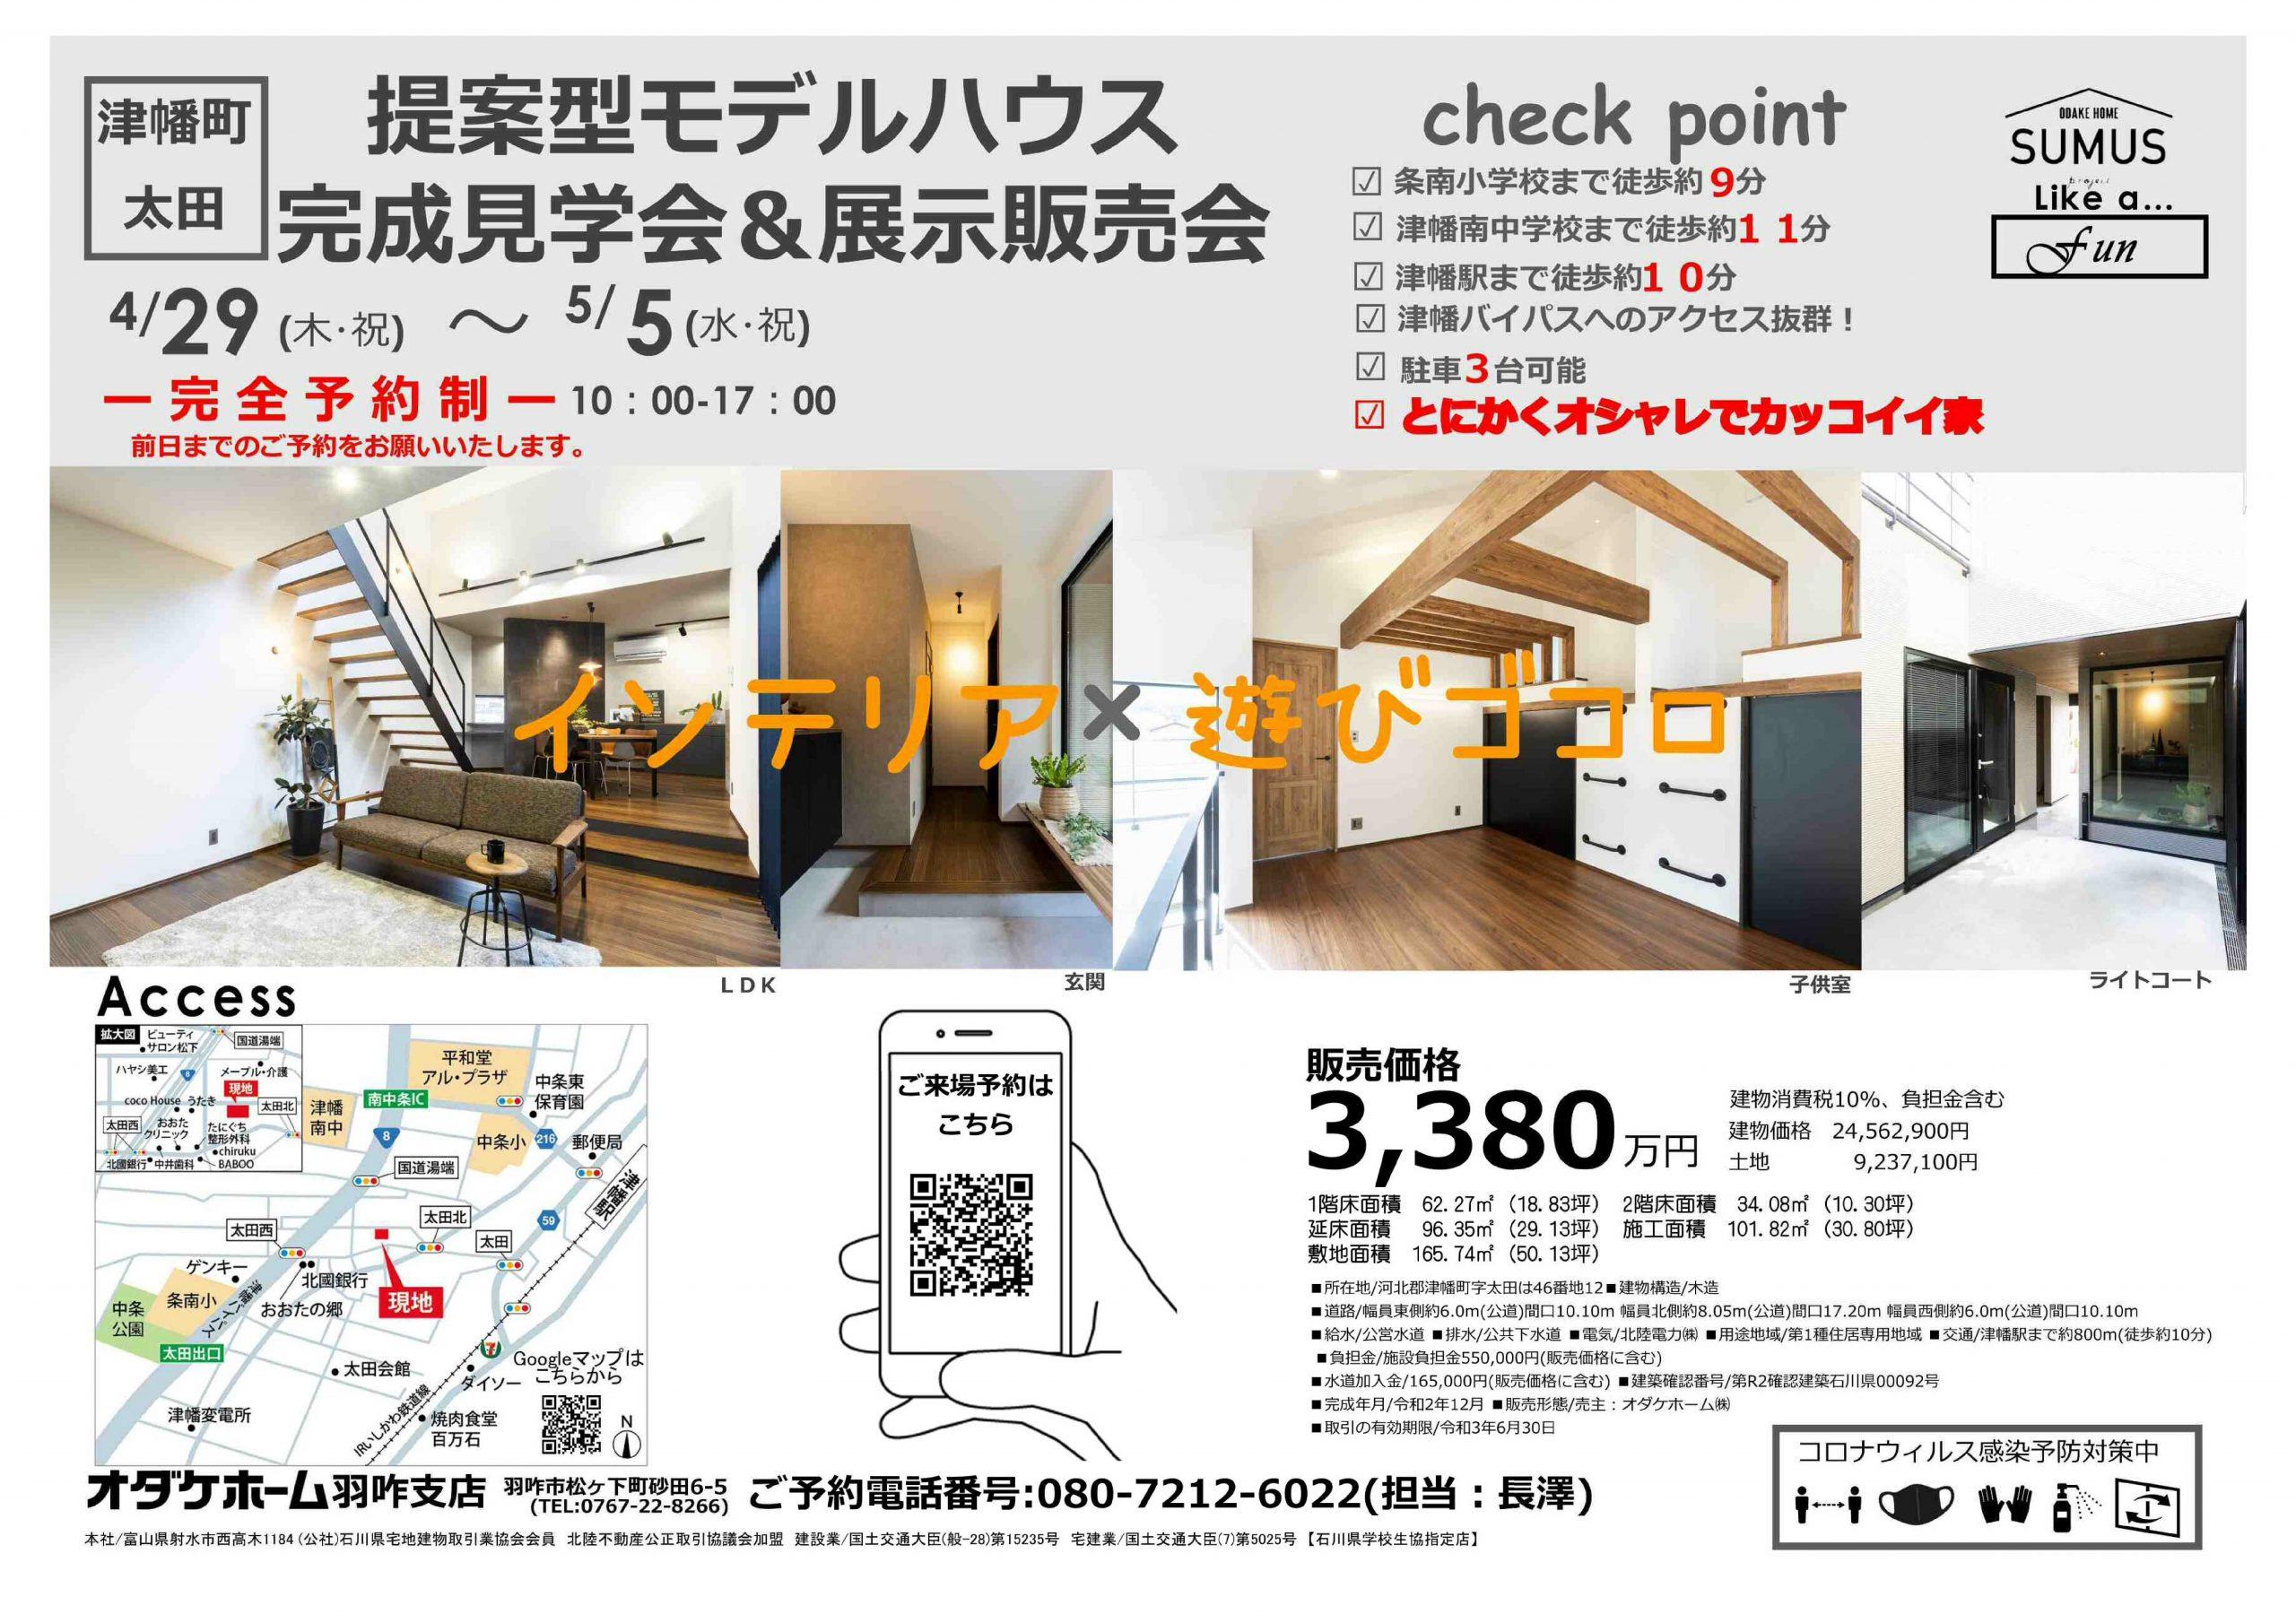 4/29~5/5(祝)津幡町太田モデルハウスOPEN HOUSE 【予約制】